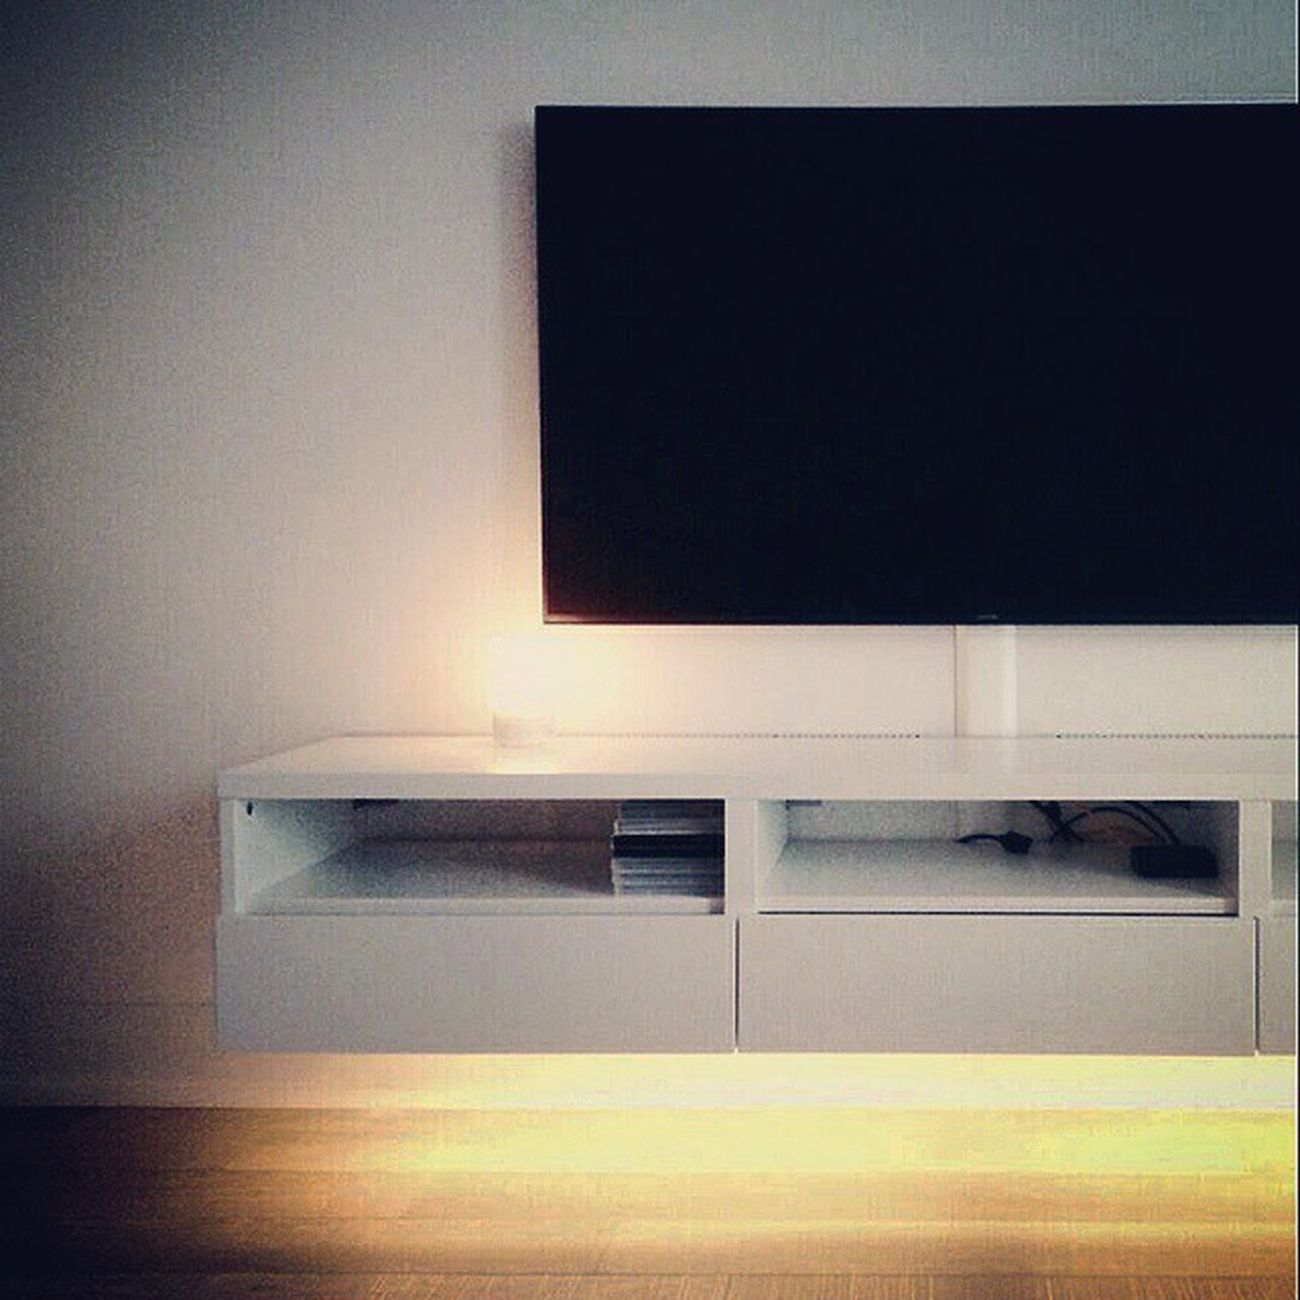 Ikeahack 2 Ambientlighting Tvstand